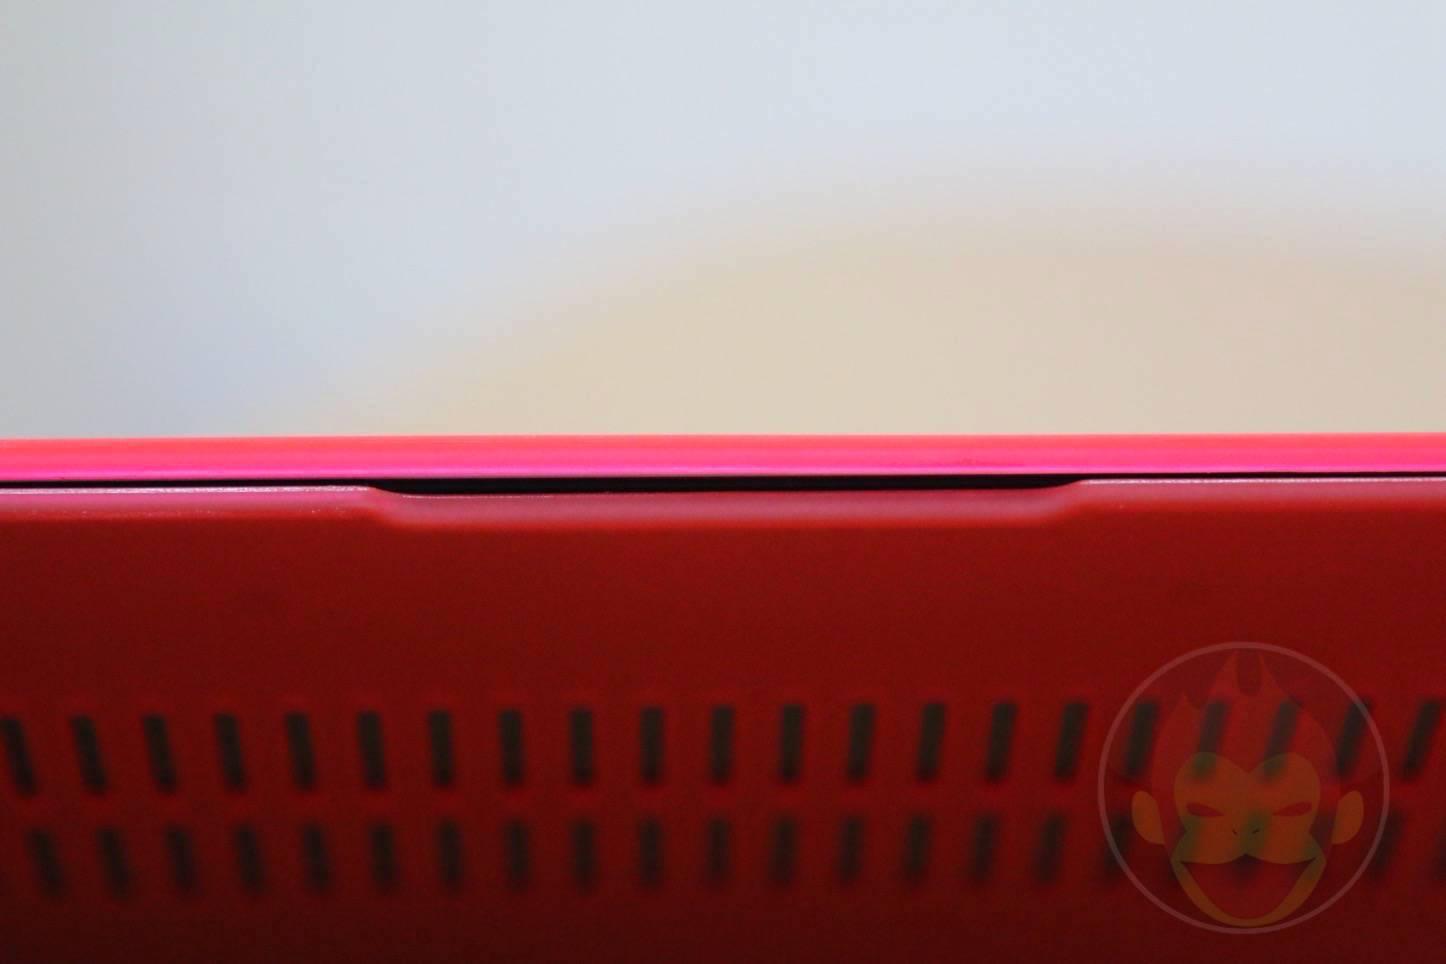 12インチ型MacBookに真っ赤な薄型軽量ケース